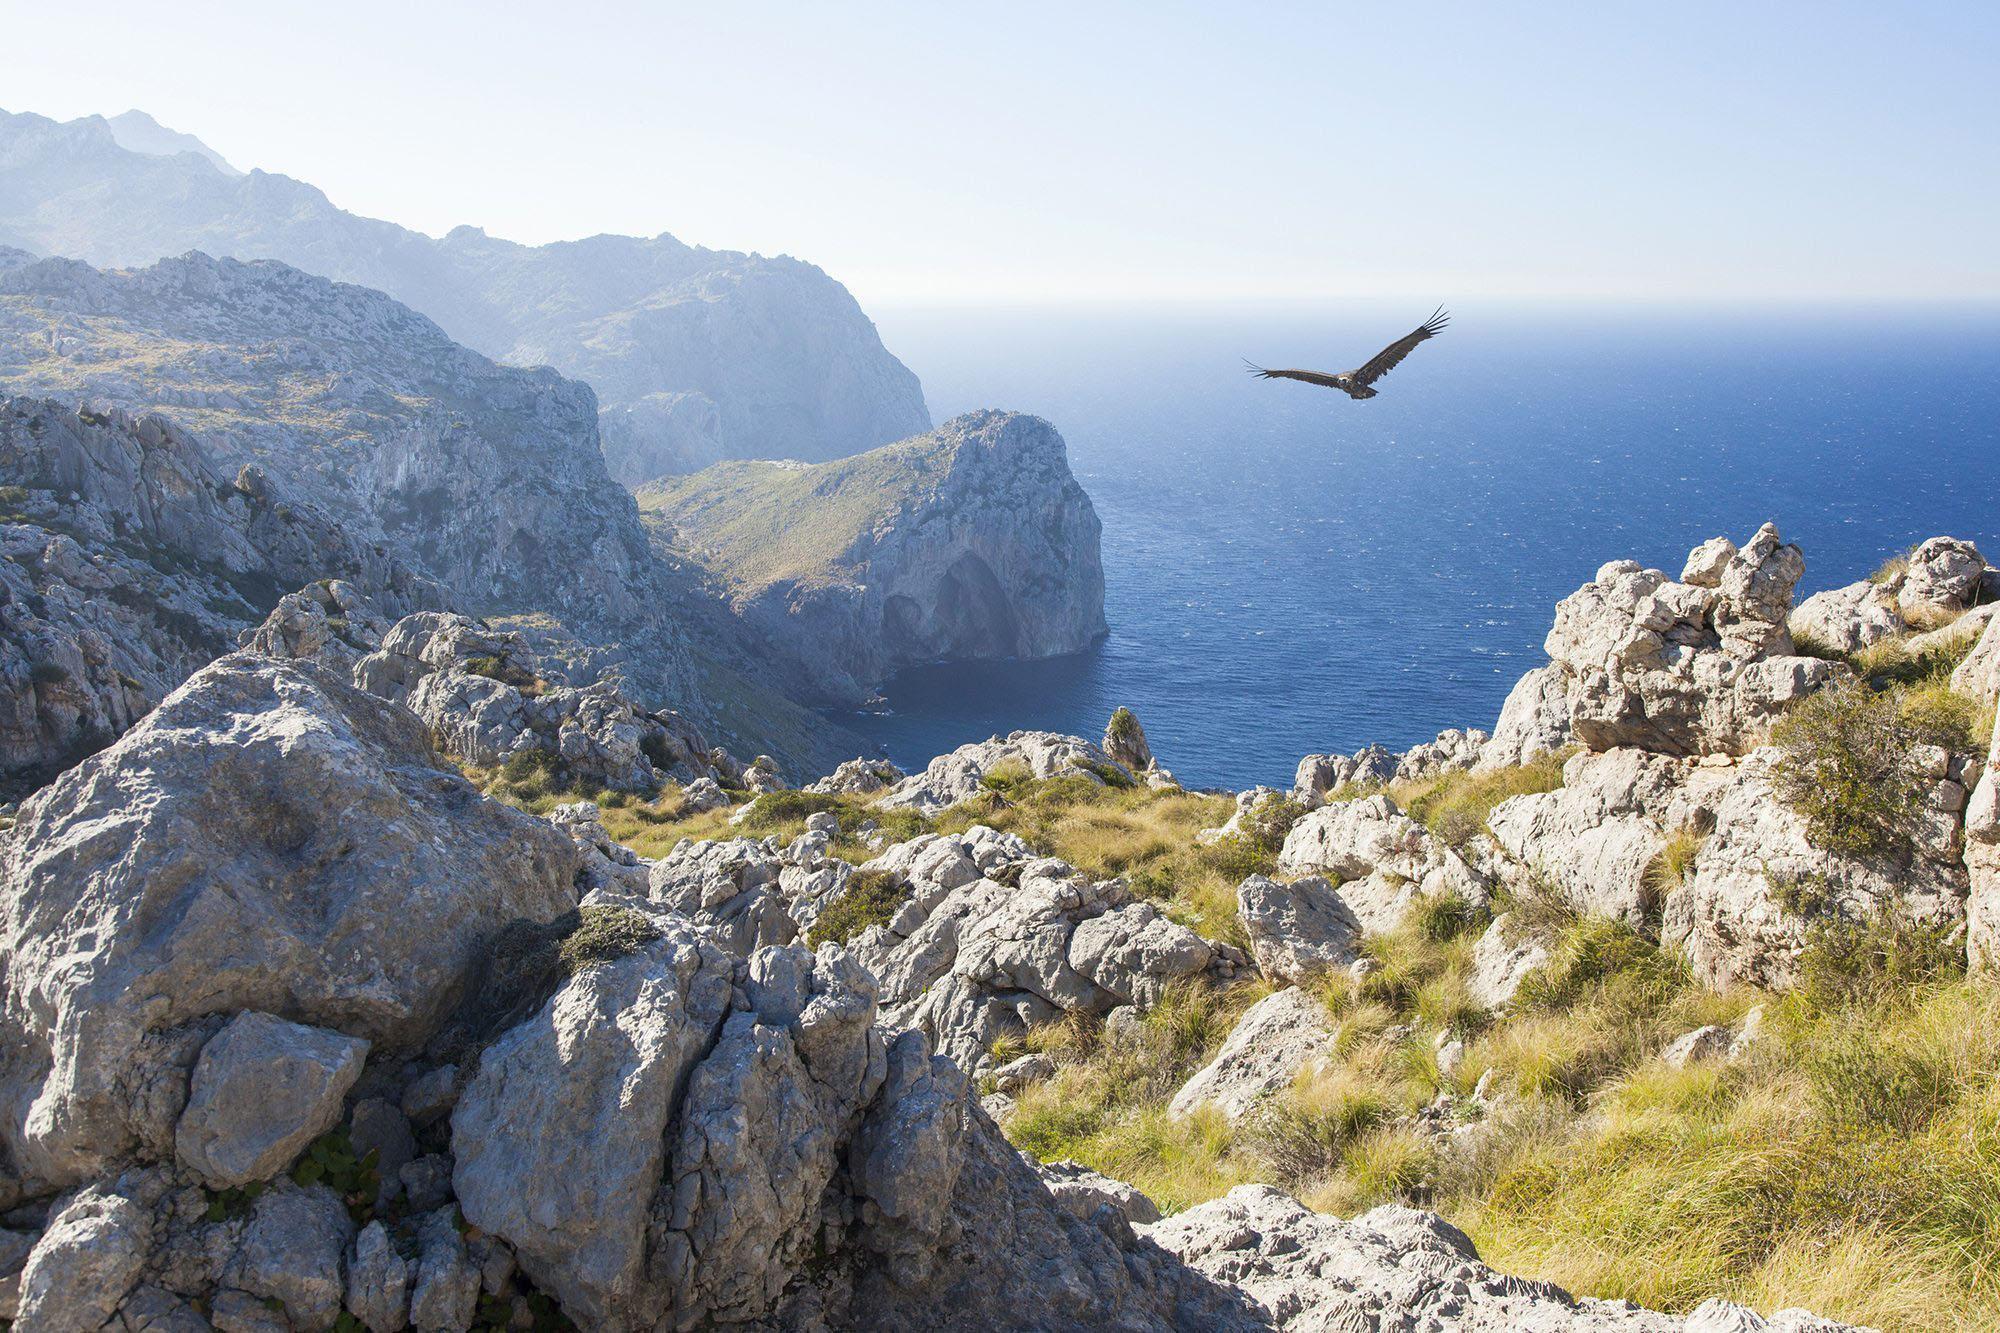 Die letzten Mönchsgeier leben auf Mallorca.